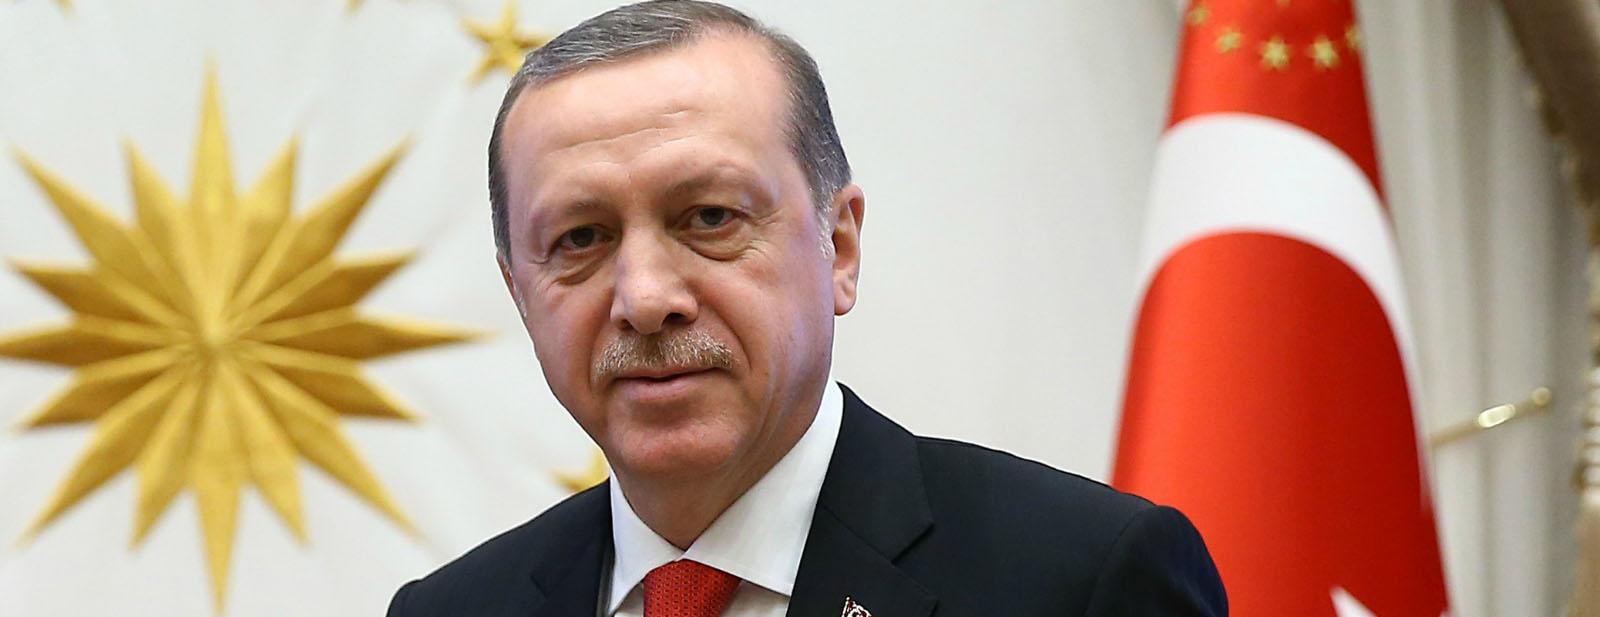 Cumhurbaşkanı Erdoğan: Sümela Manastırı Türkiye'nin her türlü mirasına sahip çıktığının somut örneği